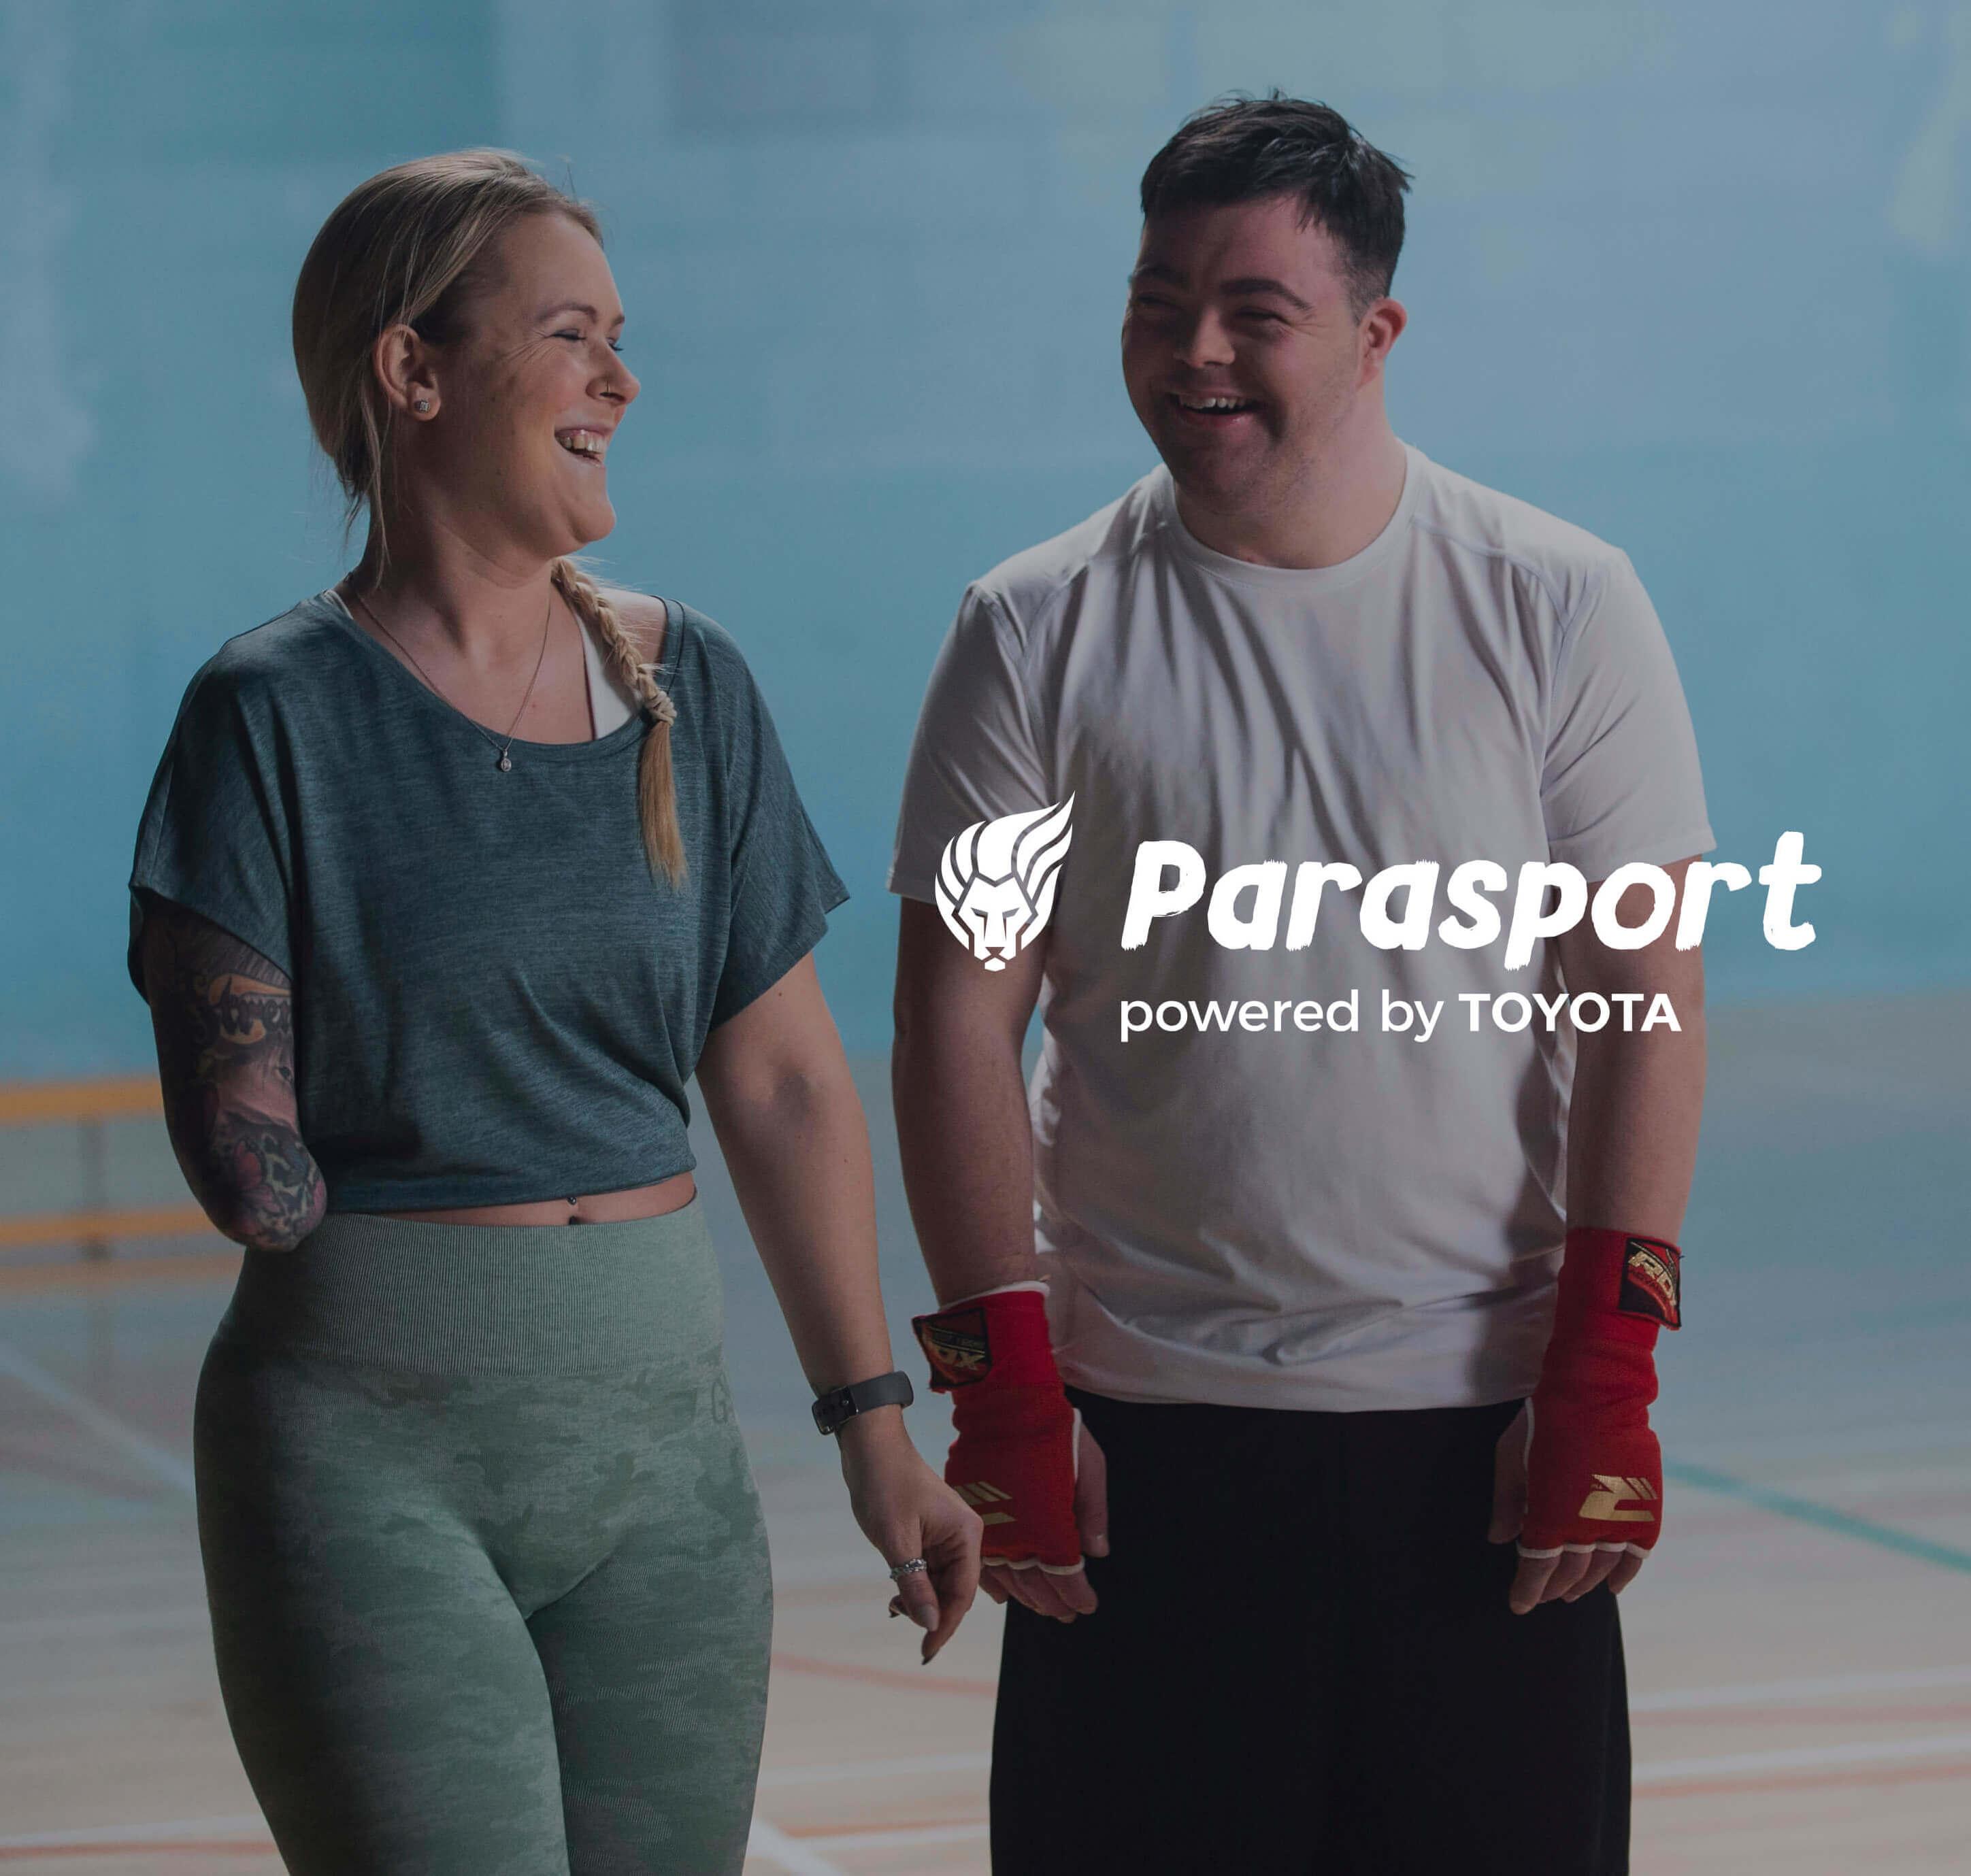 Parasport